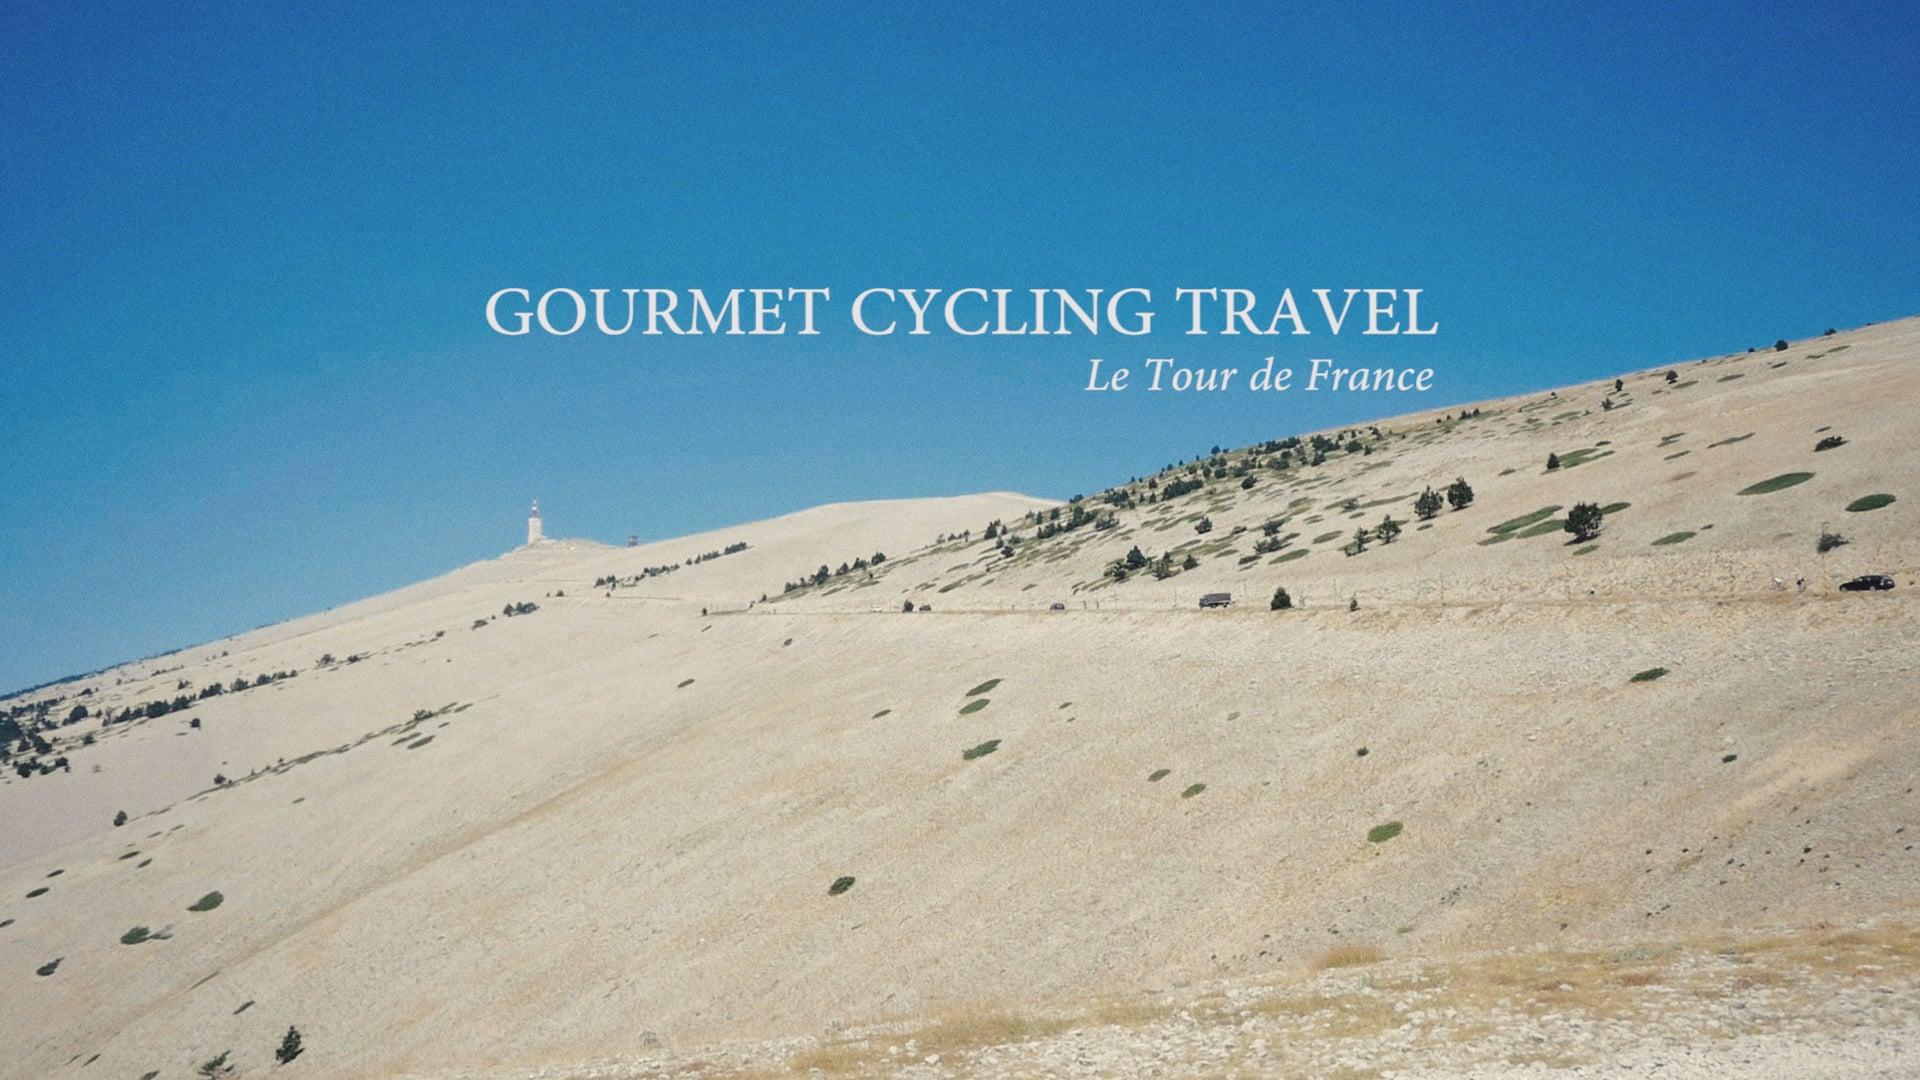 GCT Le Tour de France